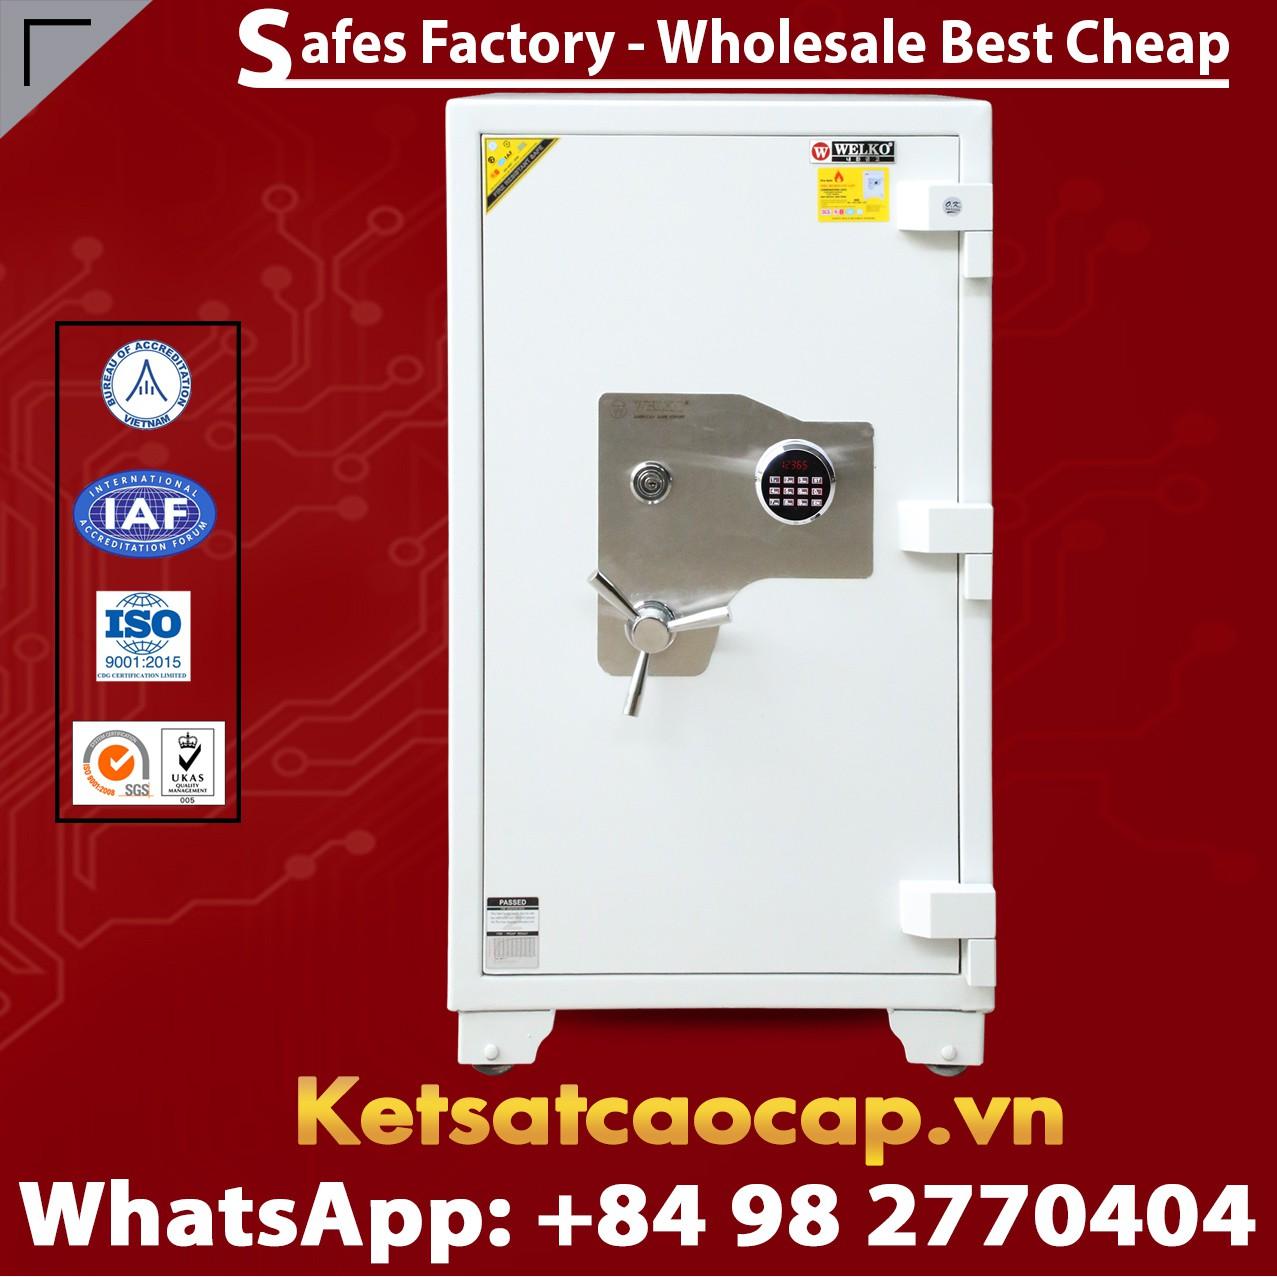 Luxury Safes Box WELKO US1080 LED Pro